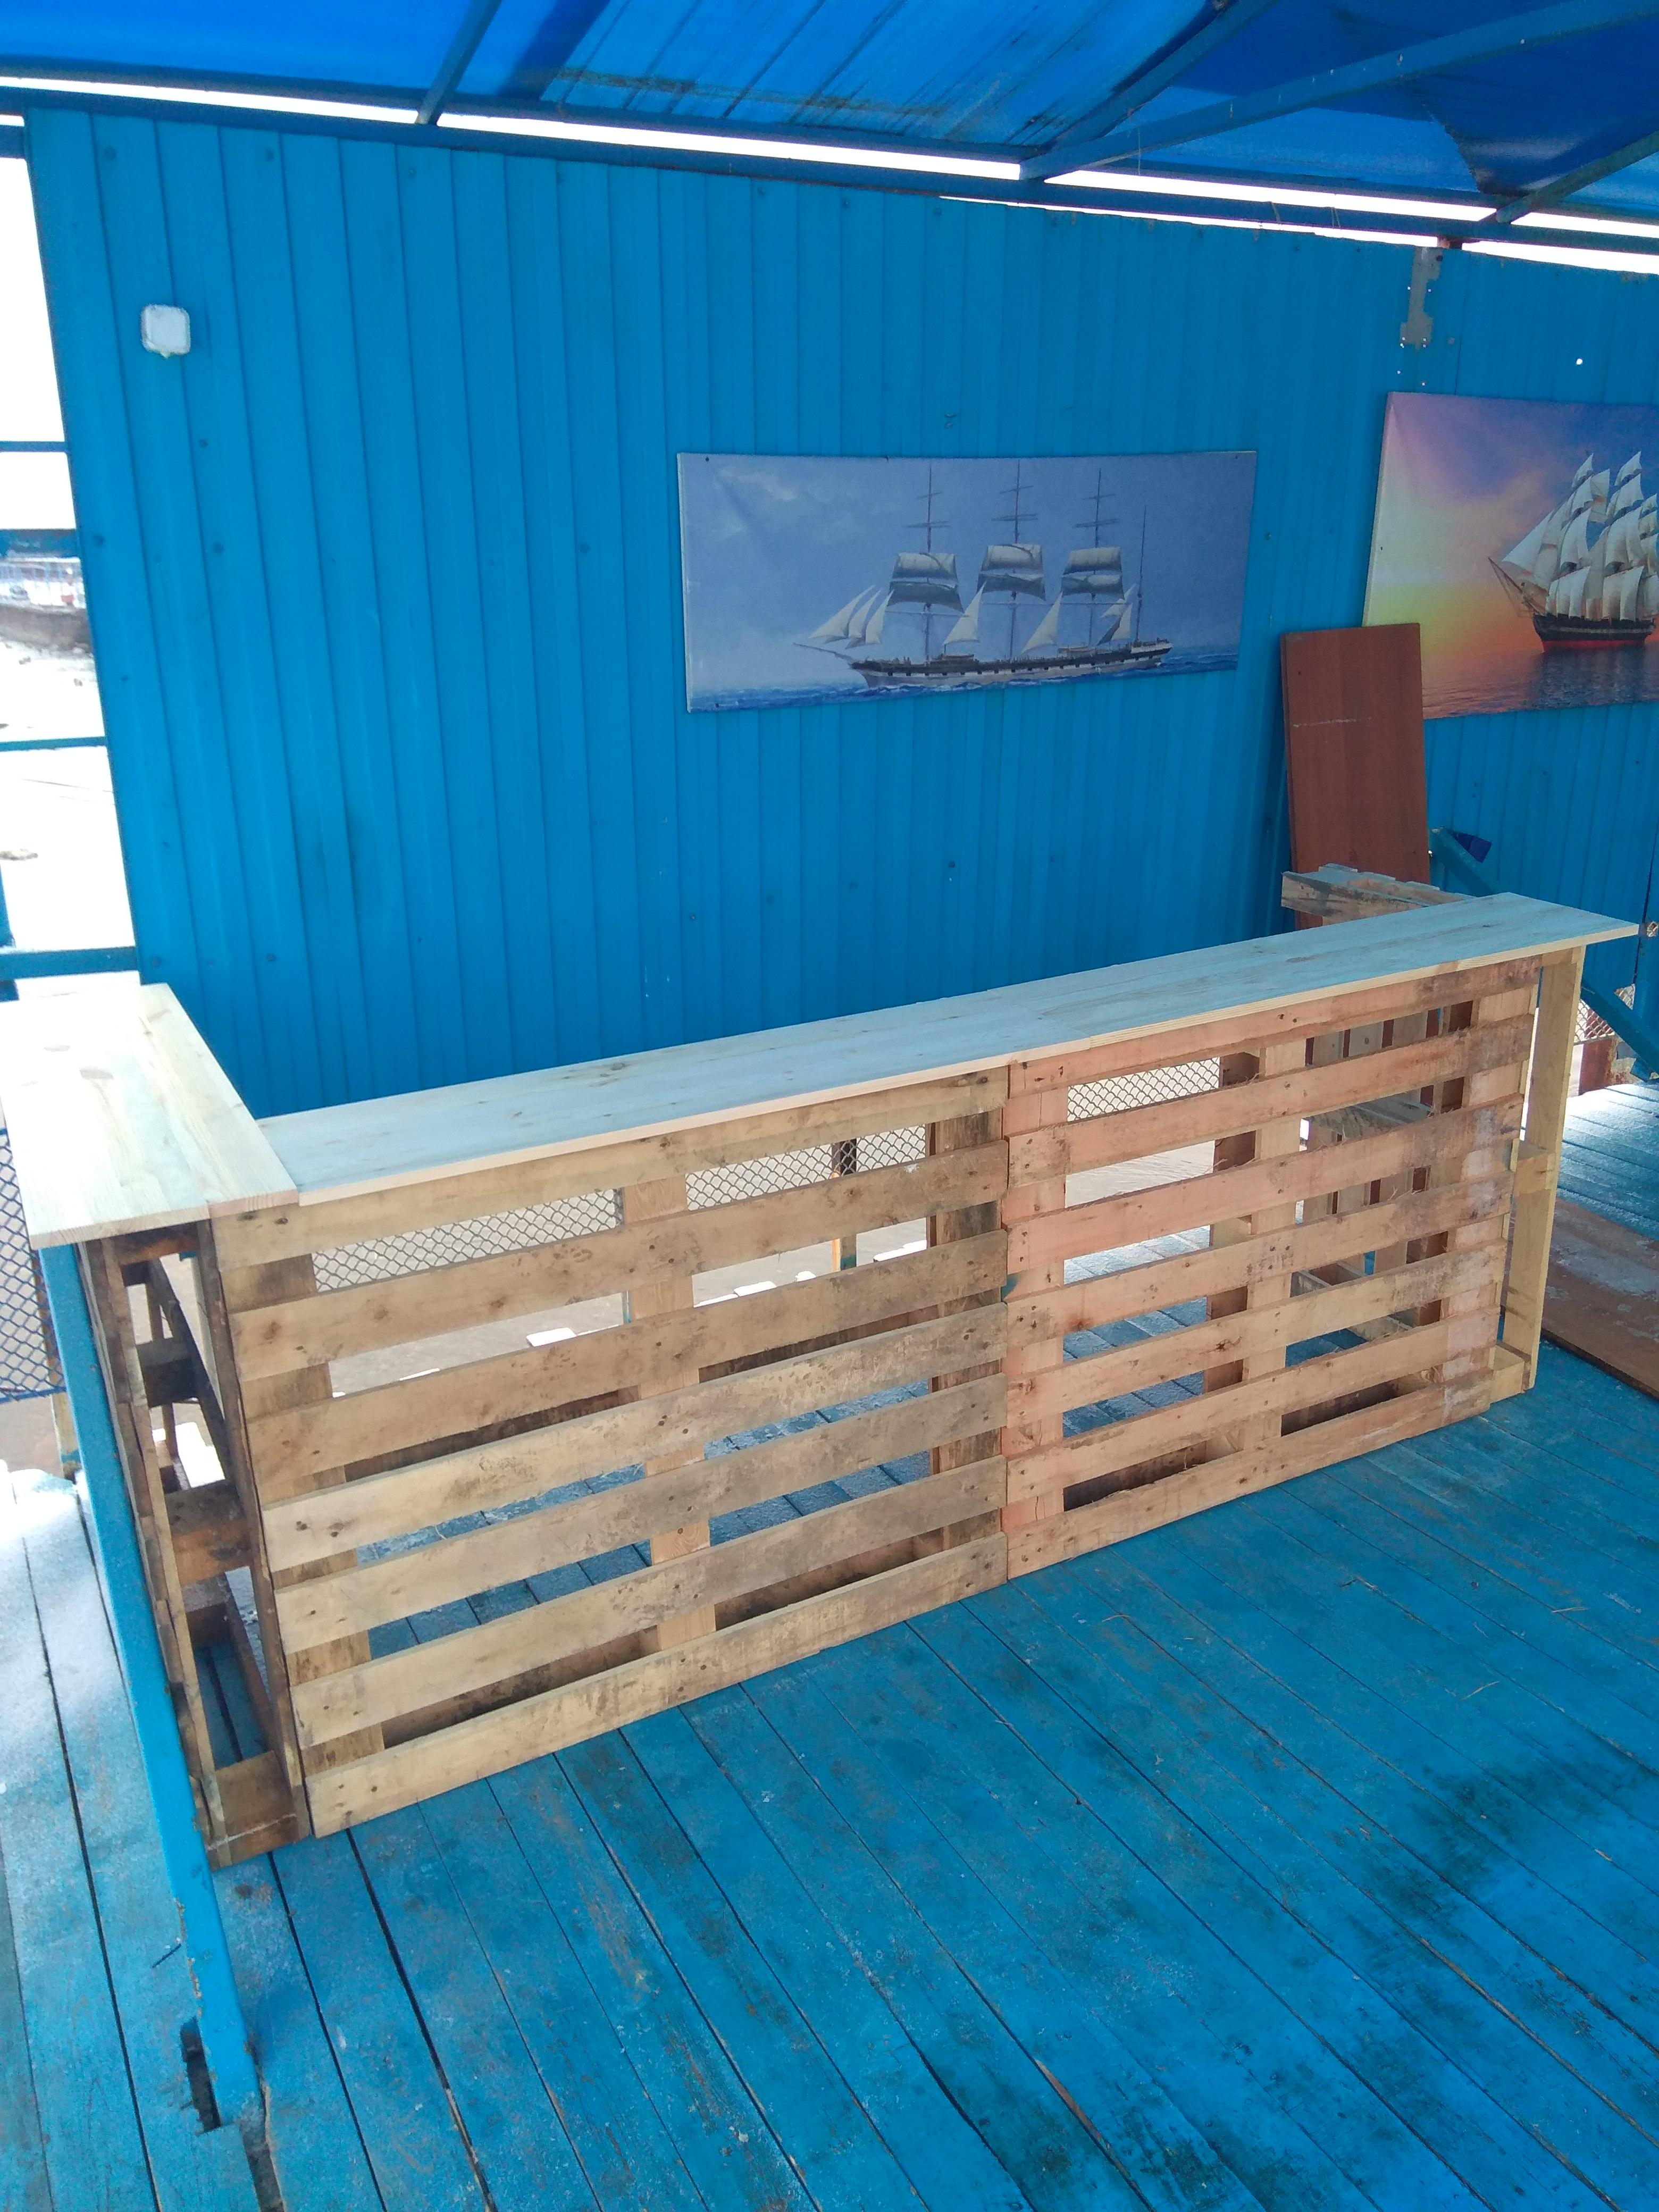 Сауна Гавань в Красноярске: фотографии, цены и отзывы - 101sauna.ru   4160x3120